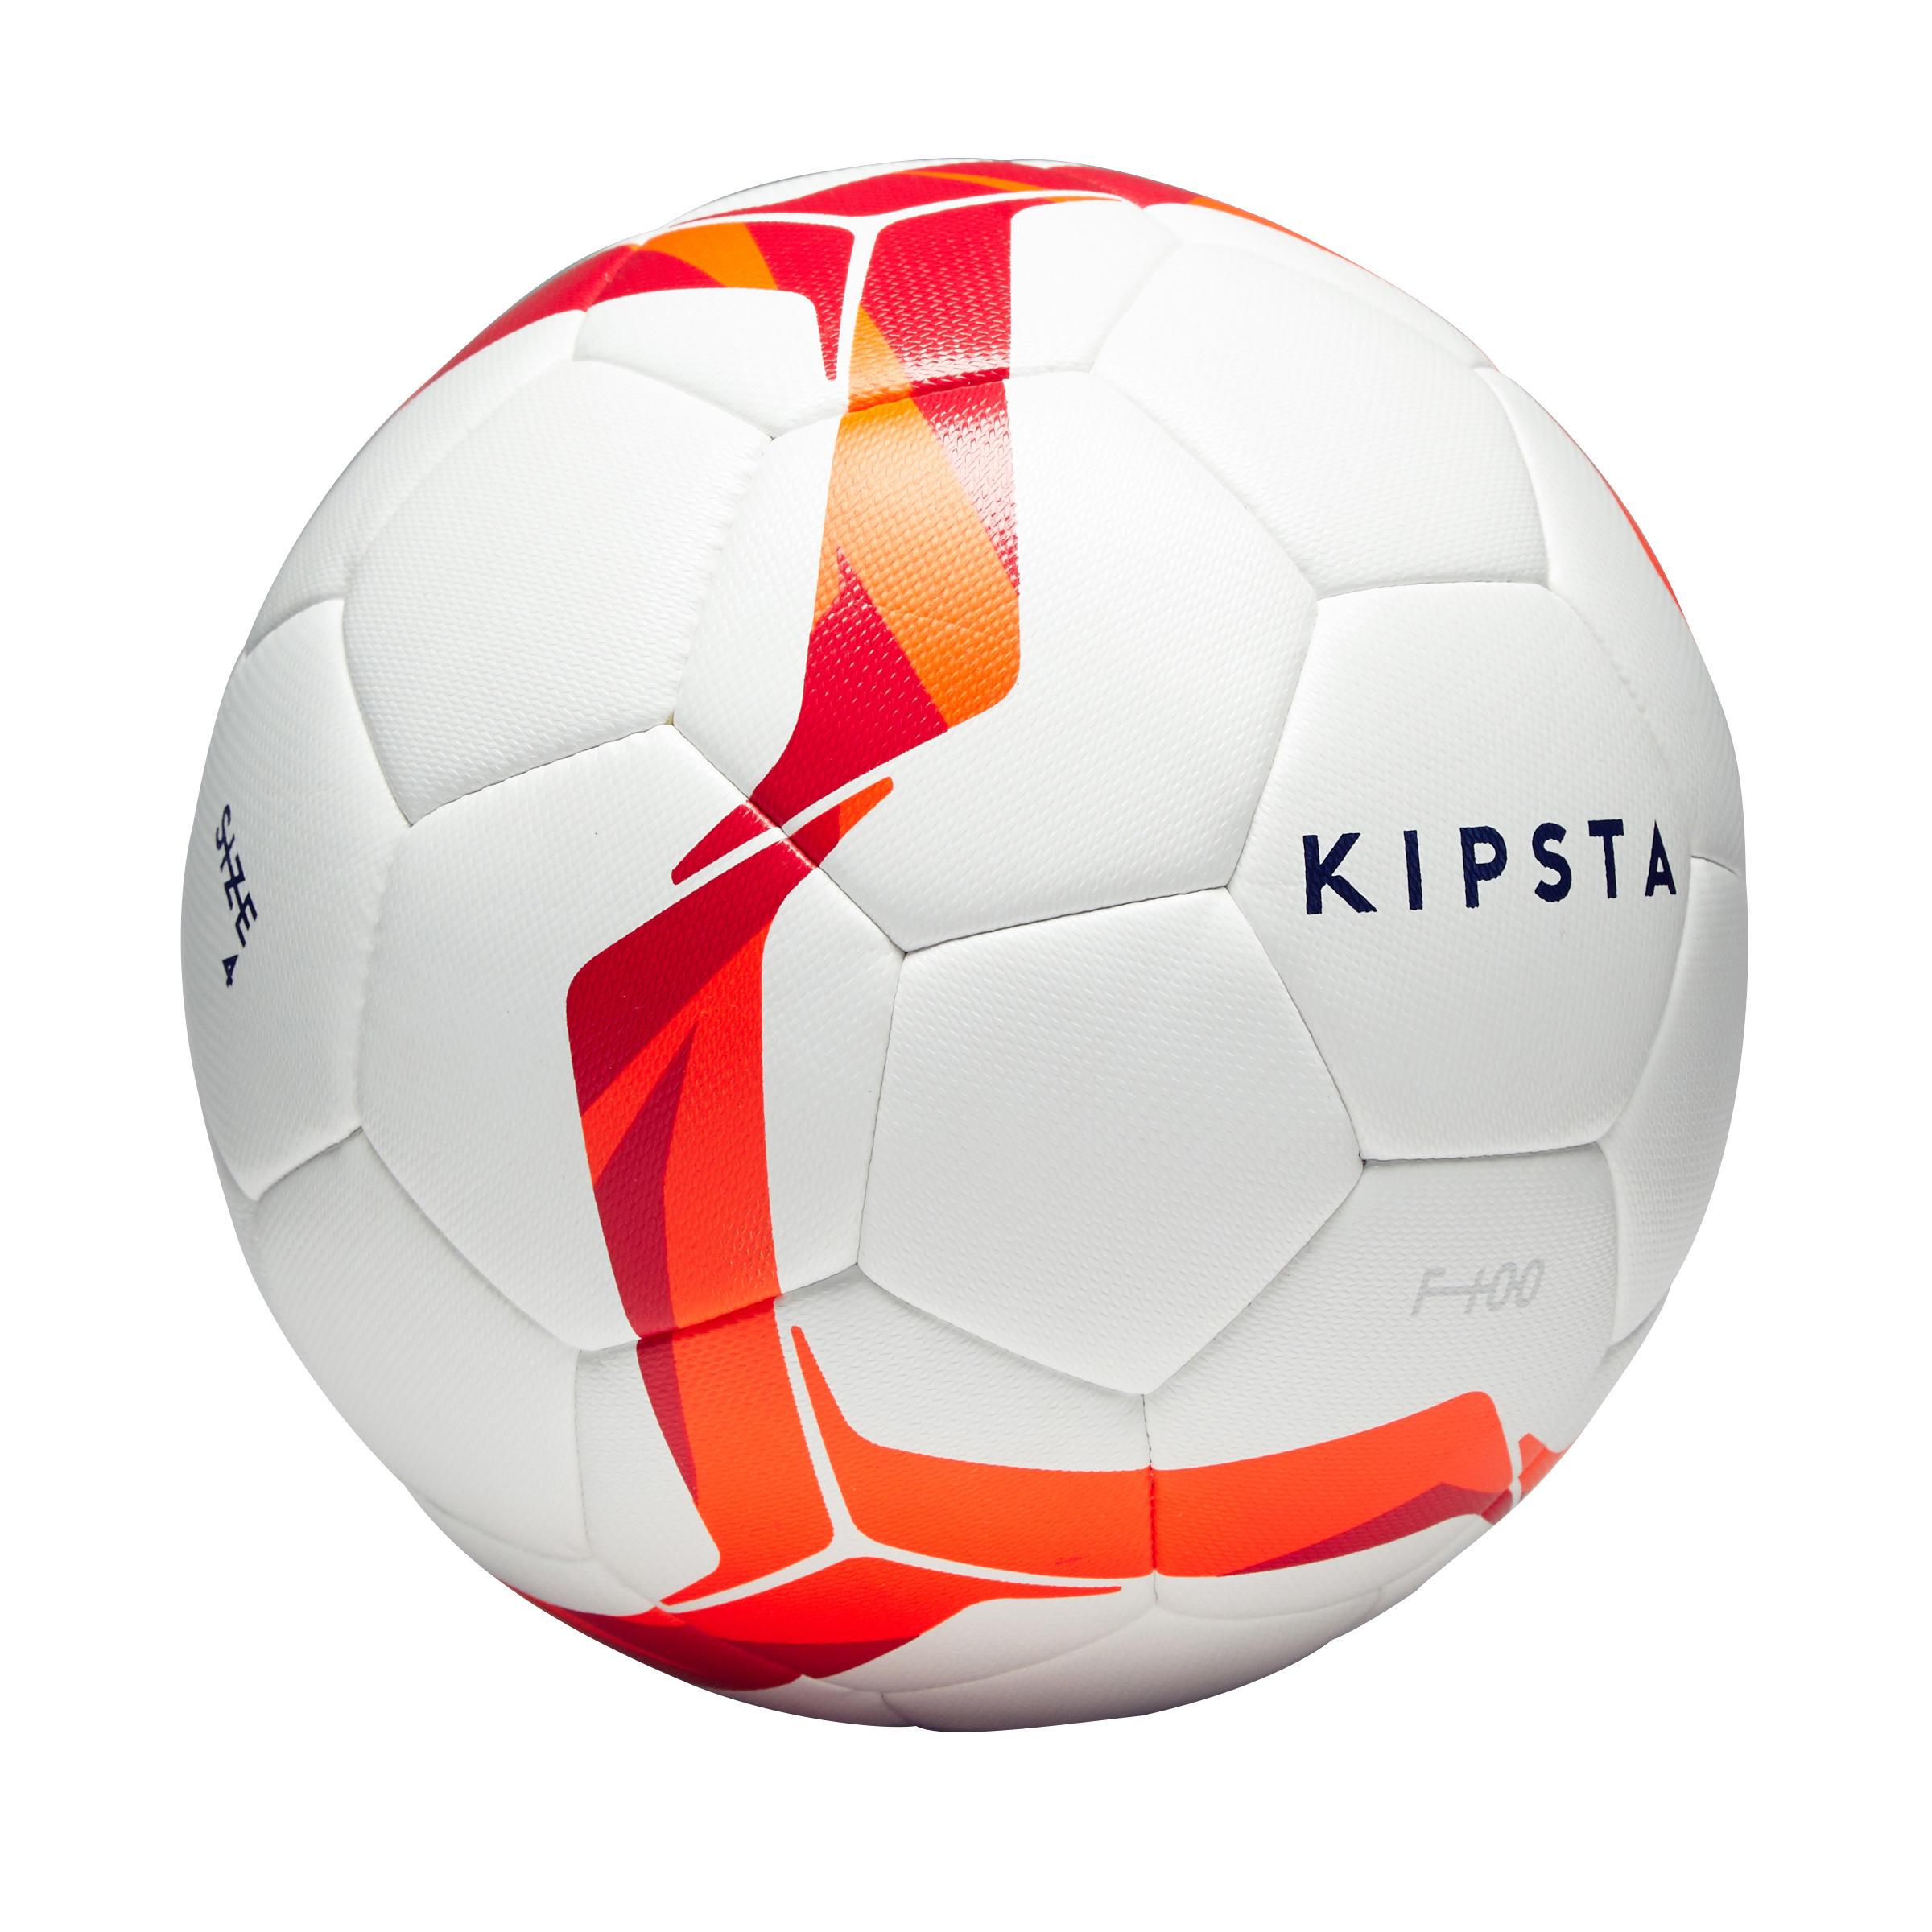 Comprar Balones de Fútbol 11 y Fútbol 7  669dede47d4b6